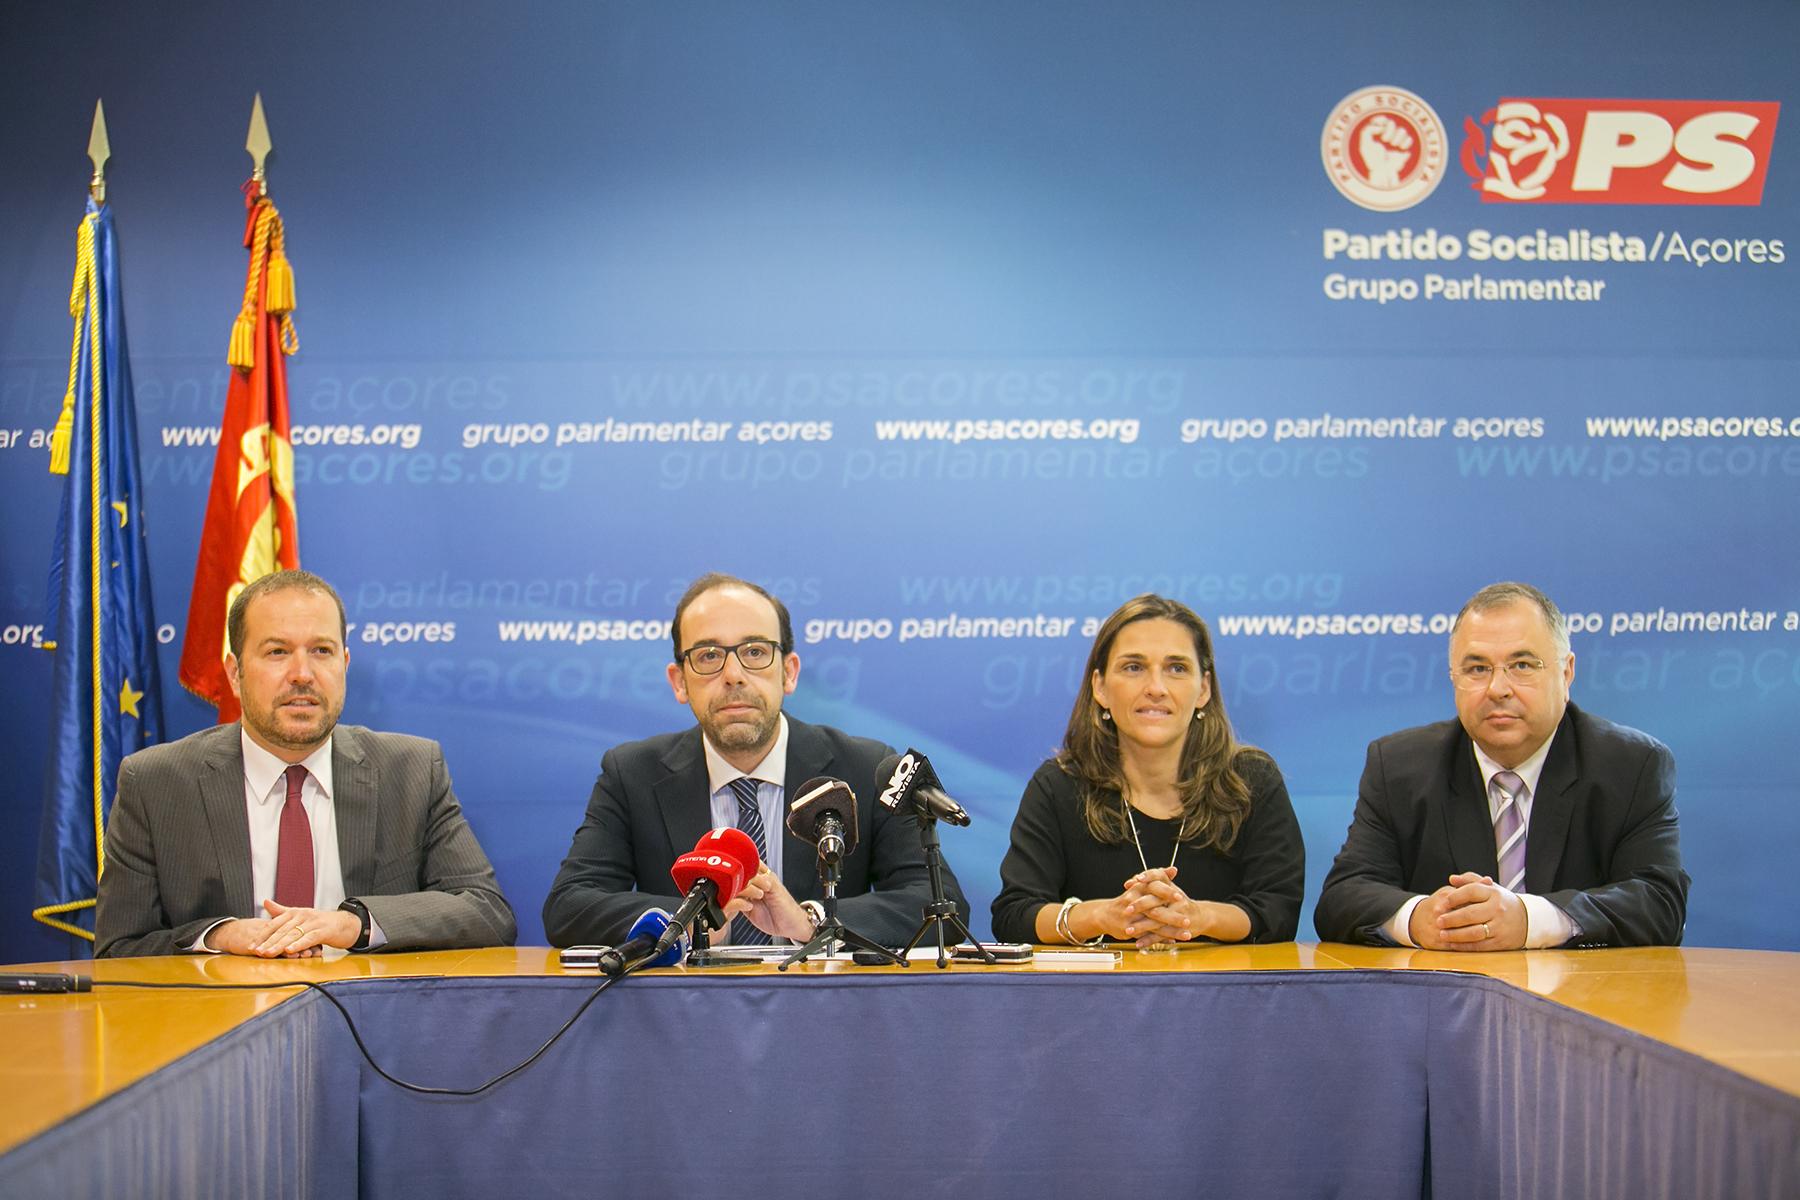 PS vai participar ativamente no processo de revisão do Regimento que pretende o mais consensual possível